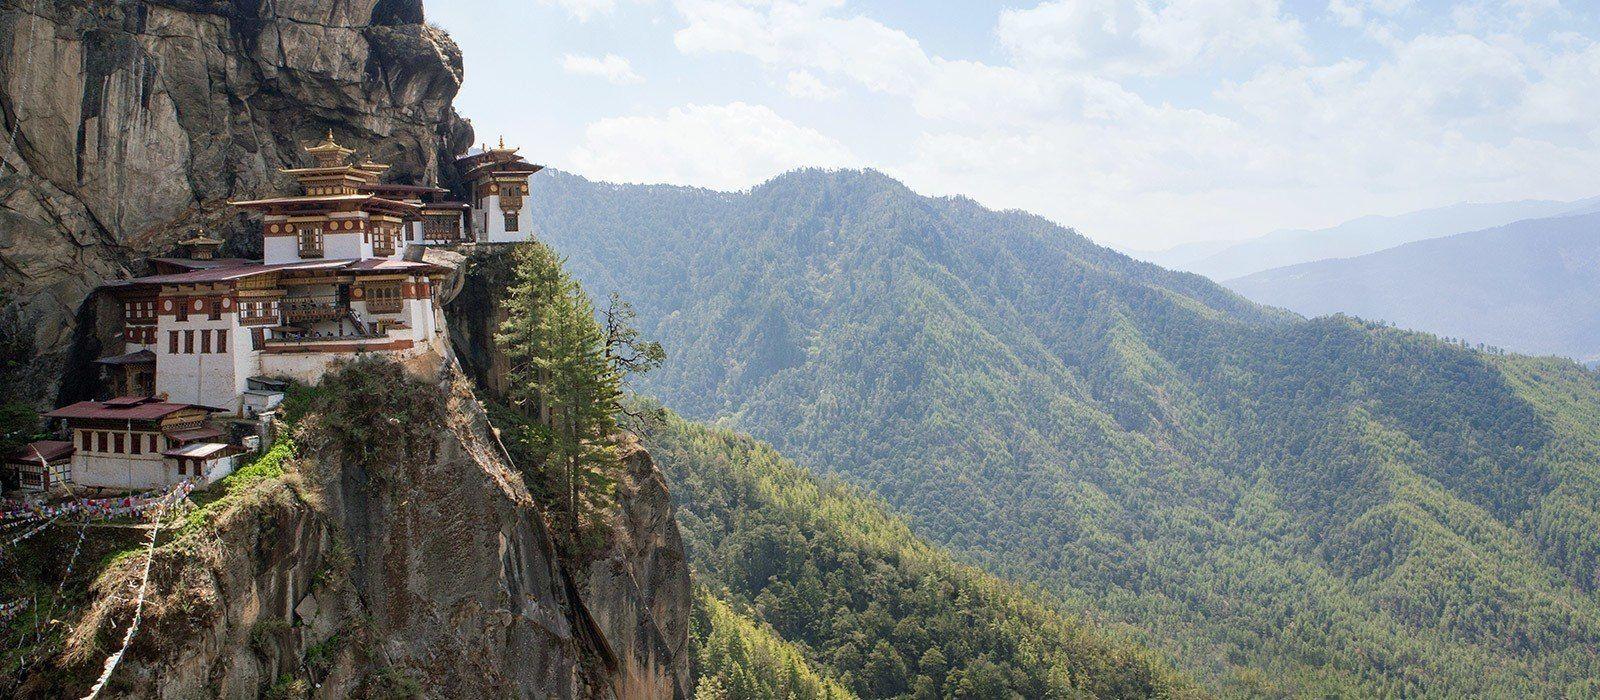 Travel Destination Bhoutan